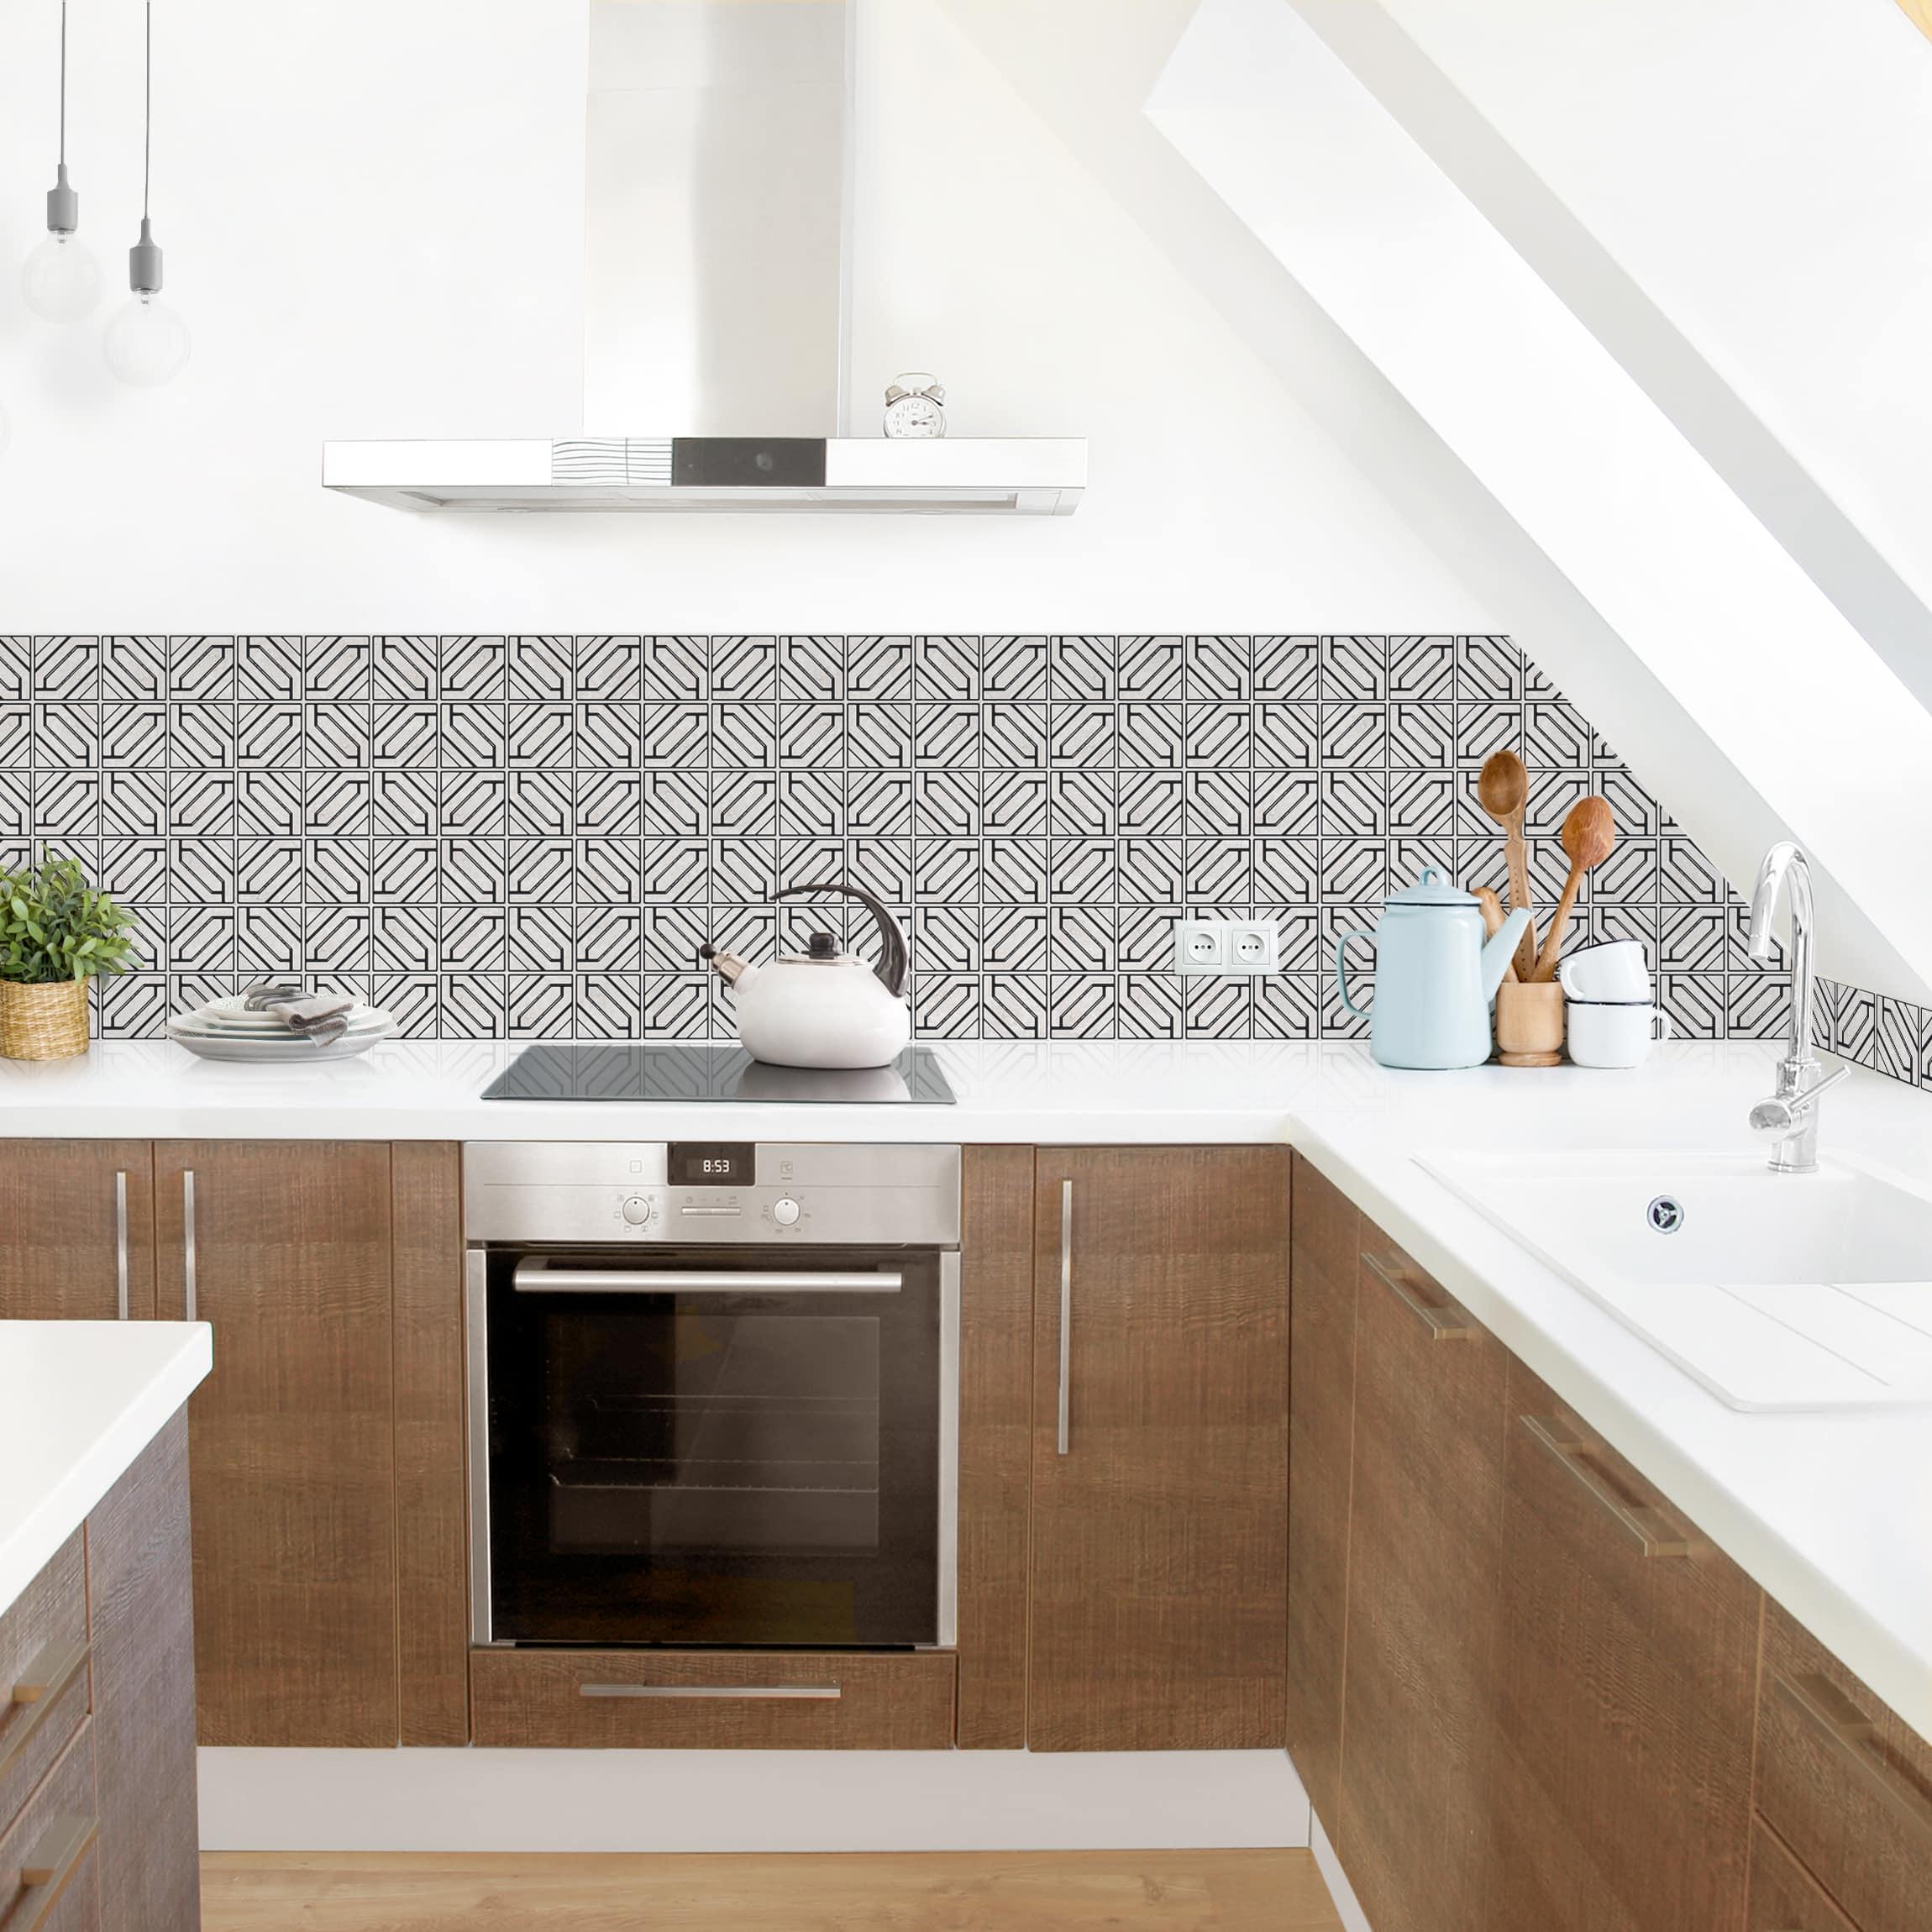 Küchenrückwand - Fliesenmuster Rauten Geometrie schwarz